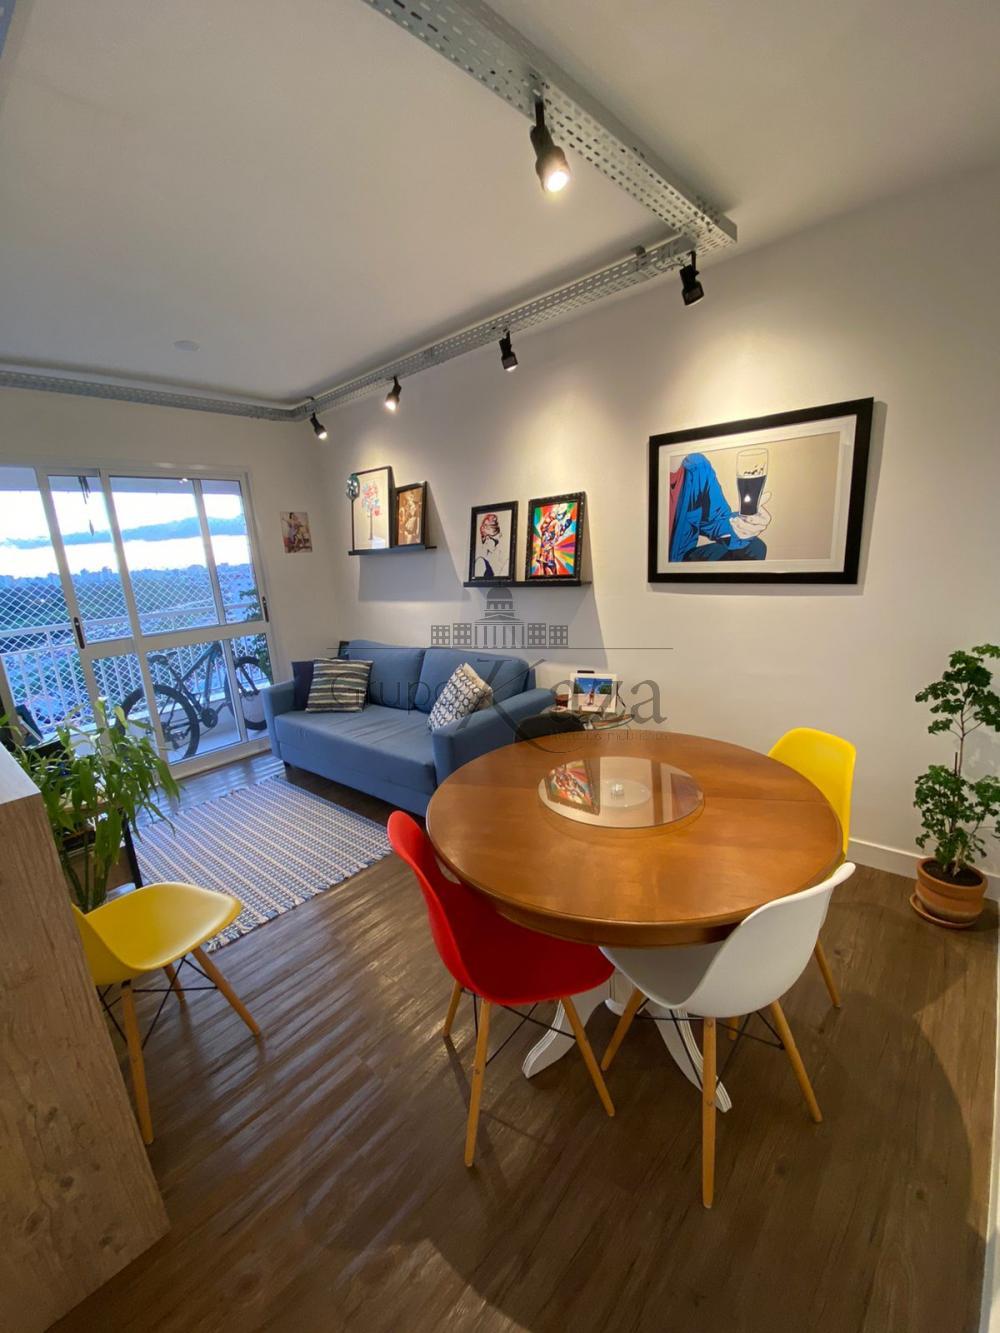 alt='Alugar Apartamento / Padrão em São José dos Campos R$ 2.200,00 - Foto 1' title='Alugar Apartamento / Padrão em São José dos Campos R$ 2.200,00 - Foto 1'